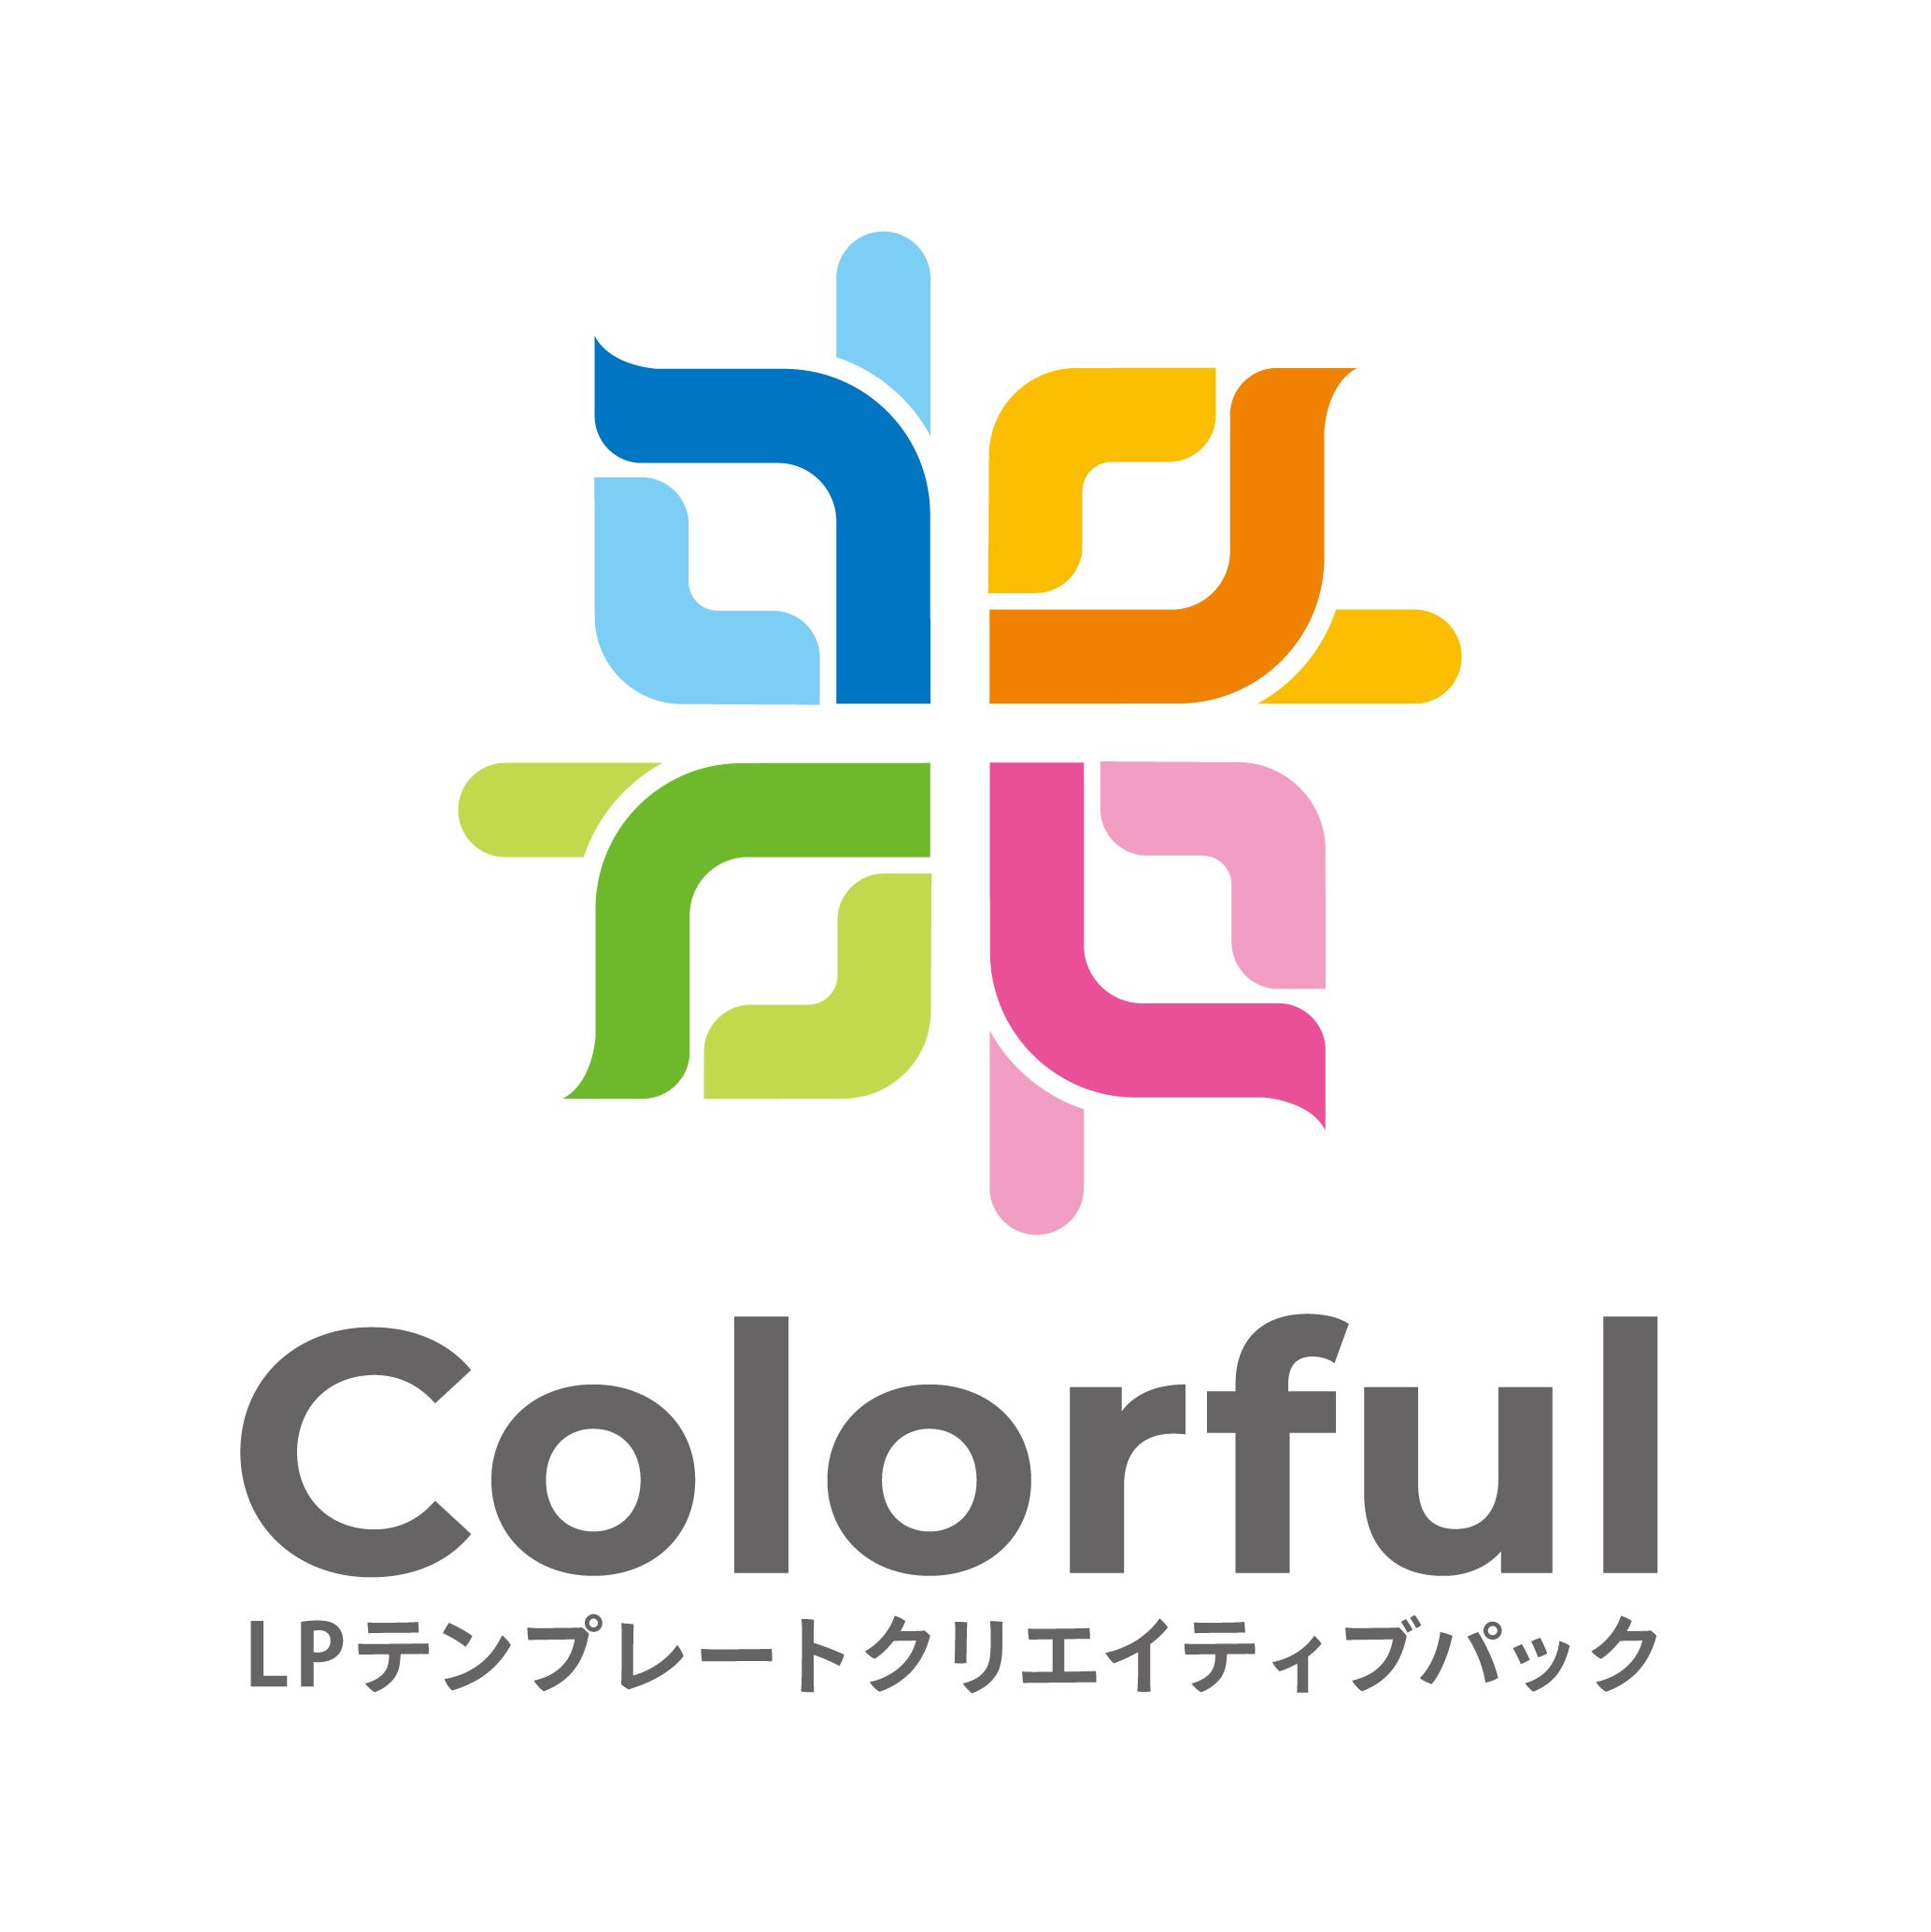 LPテンプレートクリエイティブパック「Colorful(カラフル)」の画像